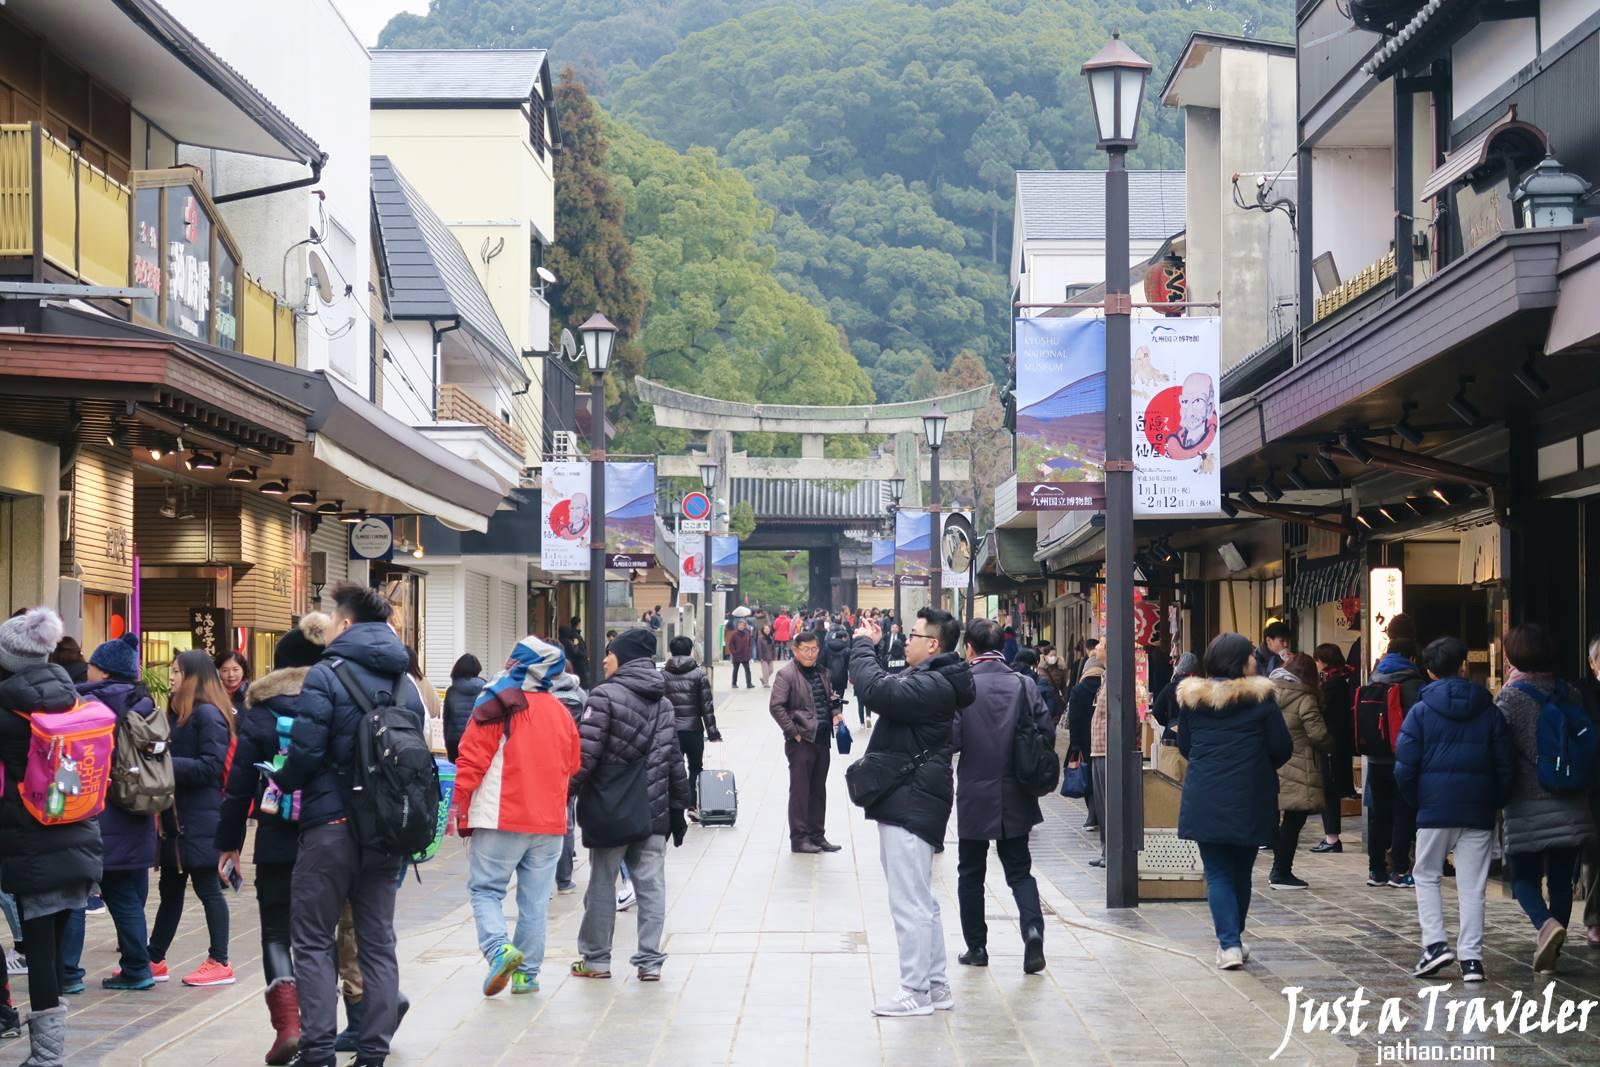 福岡-景點-推薦-太宰府天滿宮-福岡好玩景點-福岡必玩景點-福岡必去景點-福岡自由行景點-攻略-市區-郊區-福岡觀光景點-福岡旅遊景點-福岡旅行-福岡行程-Fukuoka-Tourist-Attraction